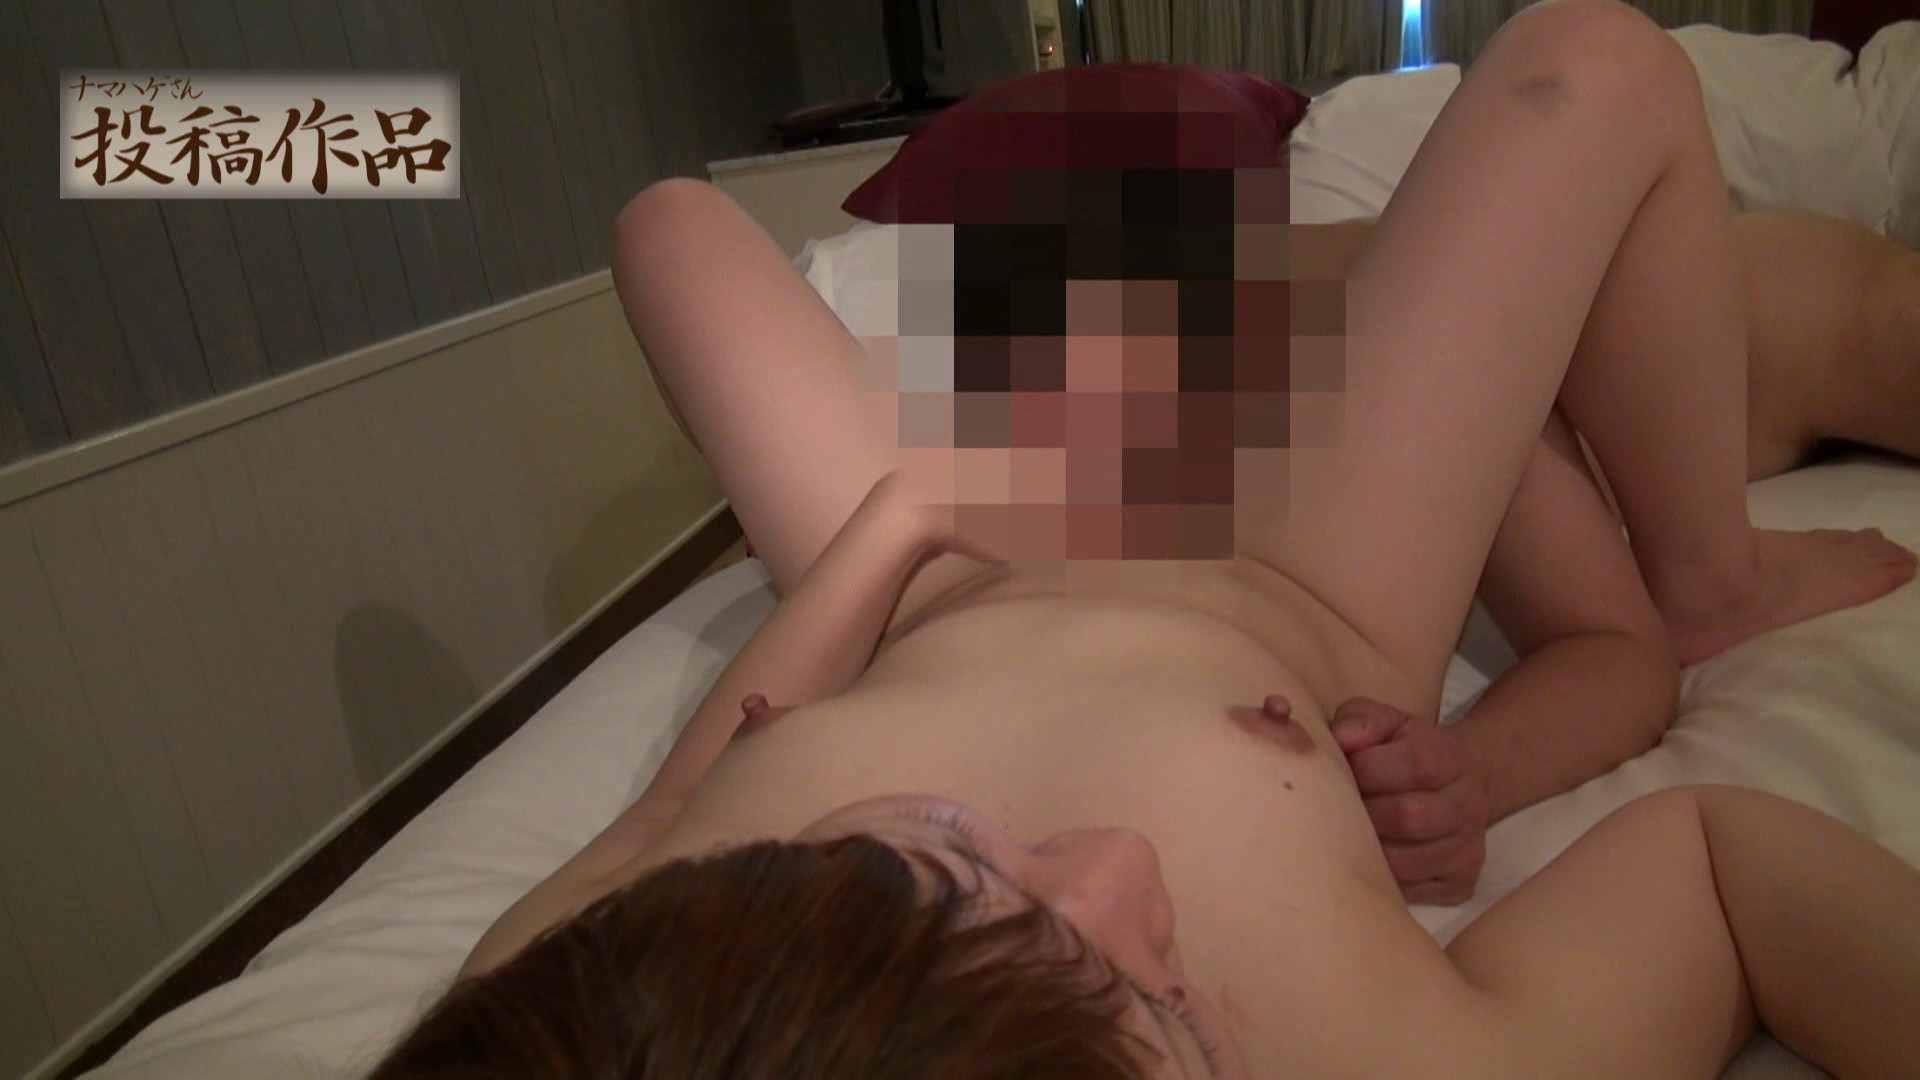 ナマハゲさんのまんこコレクション第二章 mimi02 投稿物 オマンコ動画キャプチャ 91連発 11